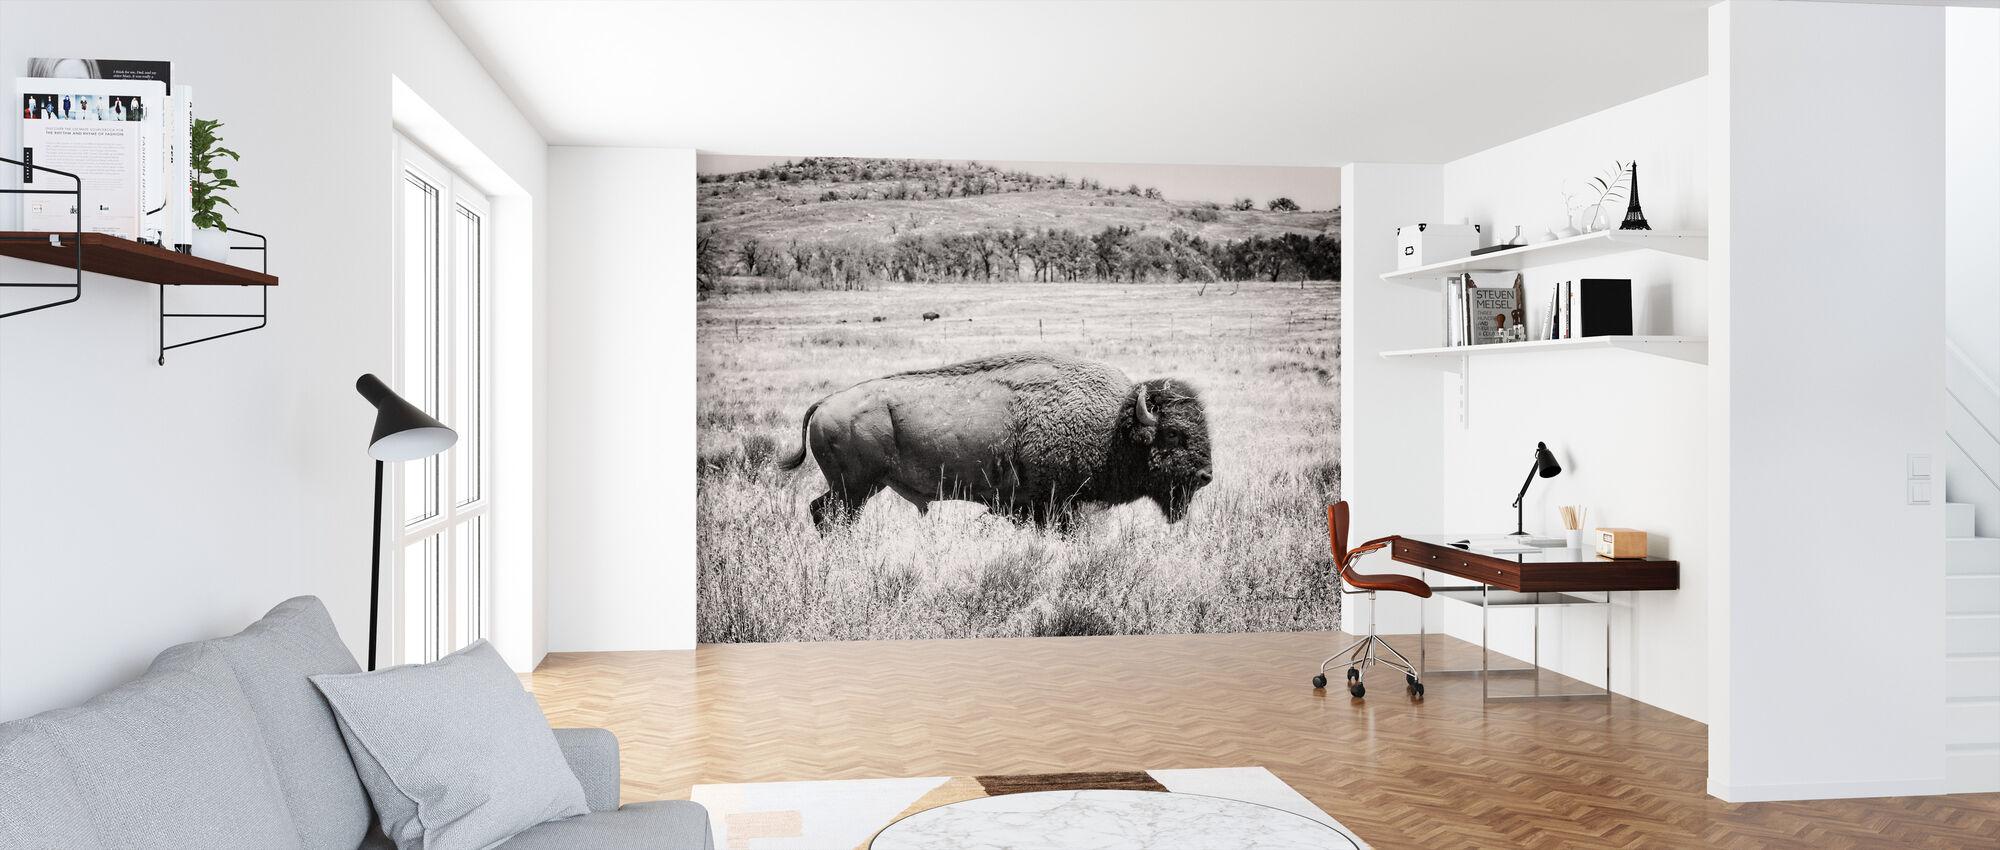 Buffel - Tapet - Kontor